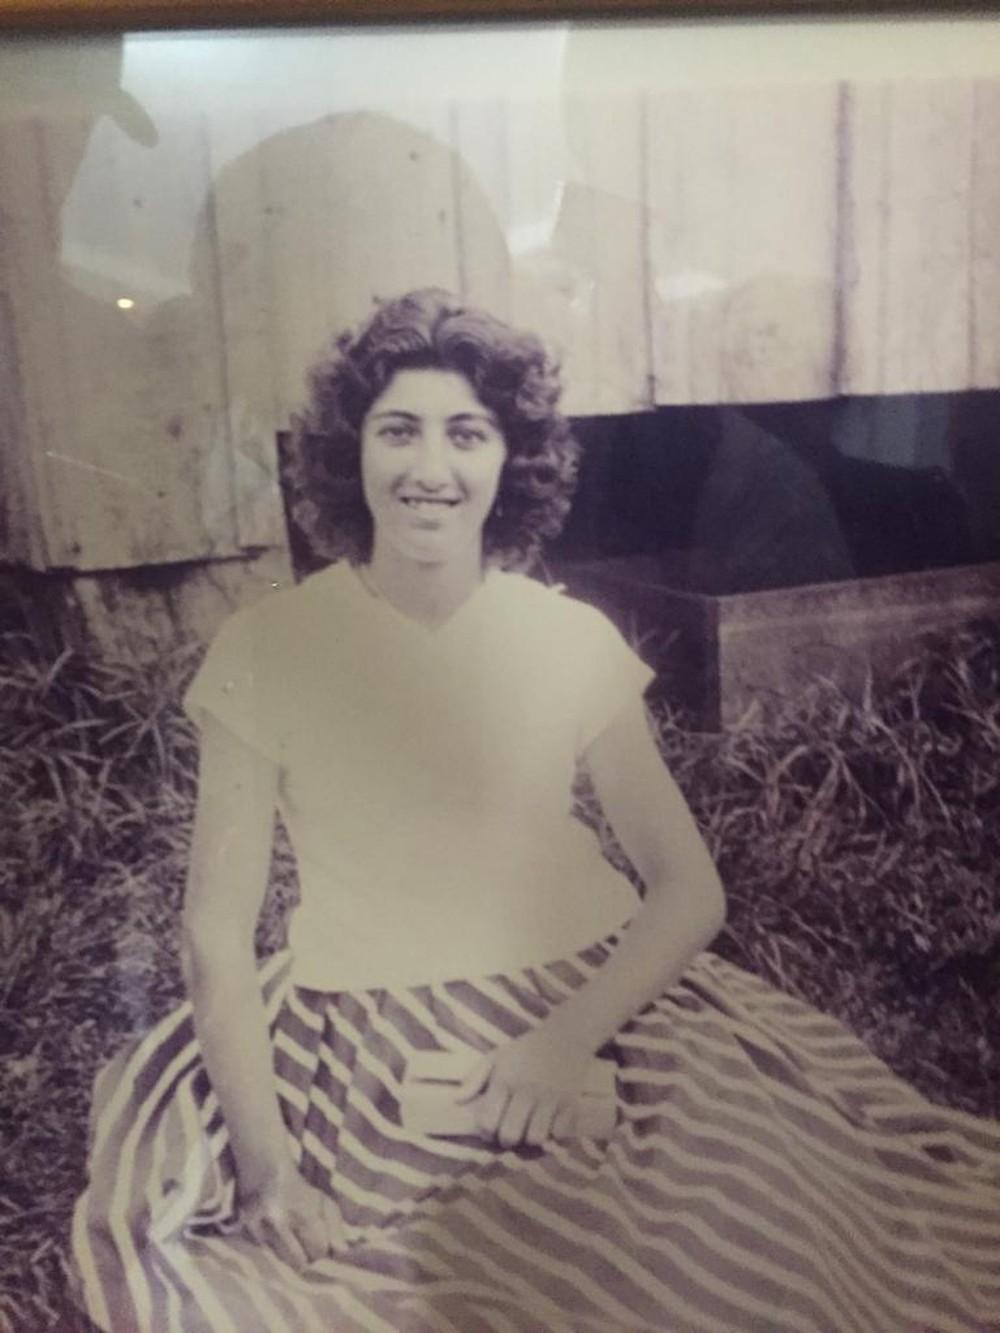 De acordo com a família, Pierina Carroro foi morta no dia 25 de janeiro de 1982 no interior de Santa Catarina — Foto: João Ricardo da Cruz/Cenário MT